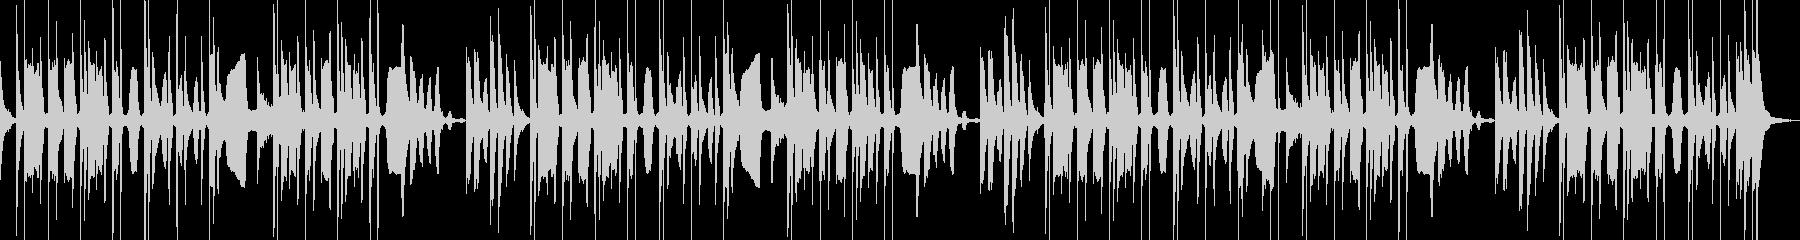 おとぼけ・まぬけBGMの未再生の波形